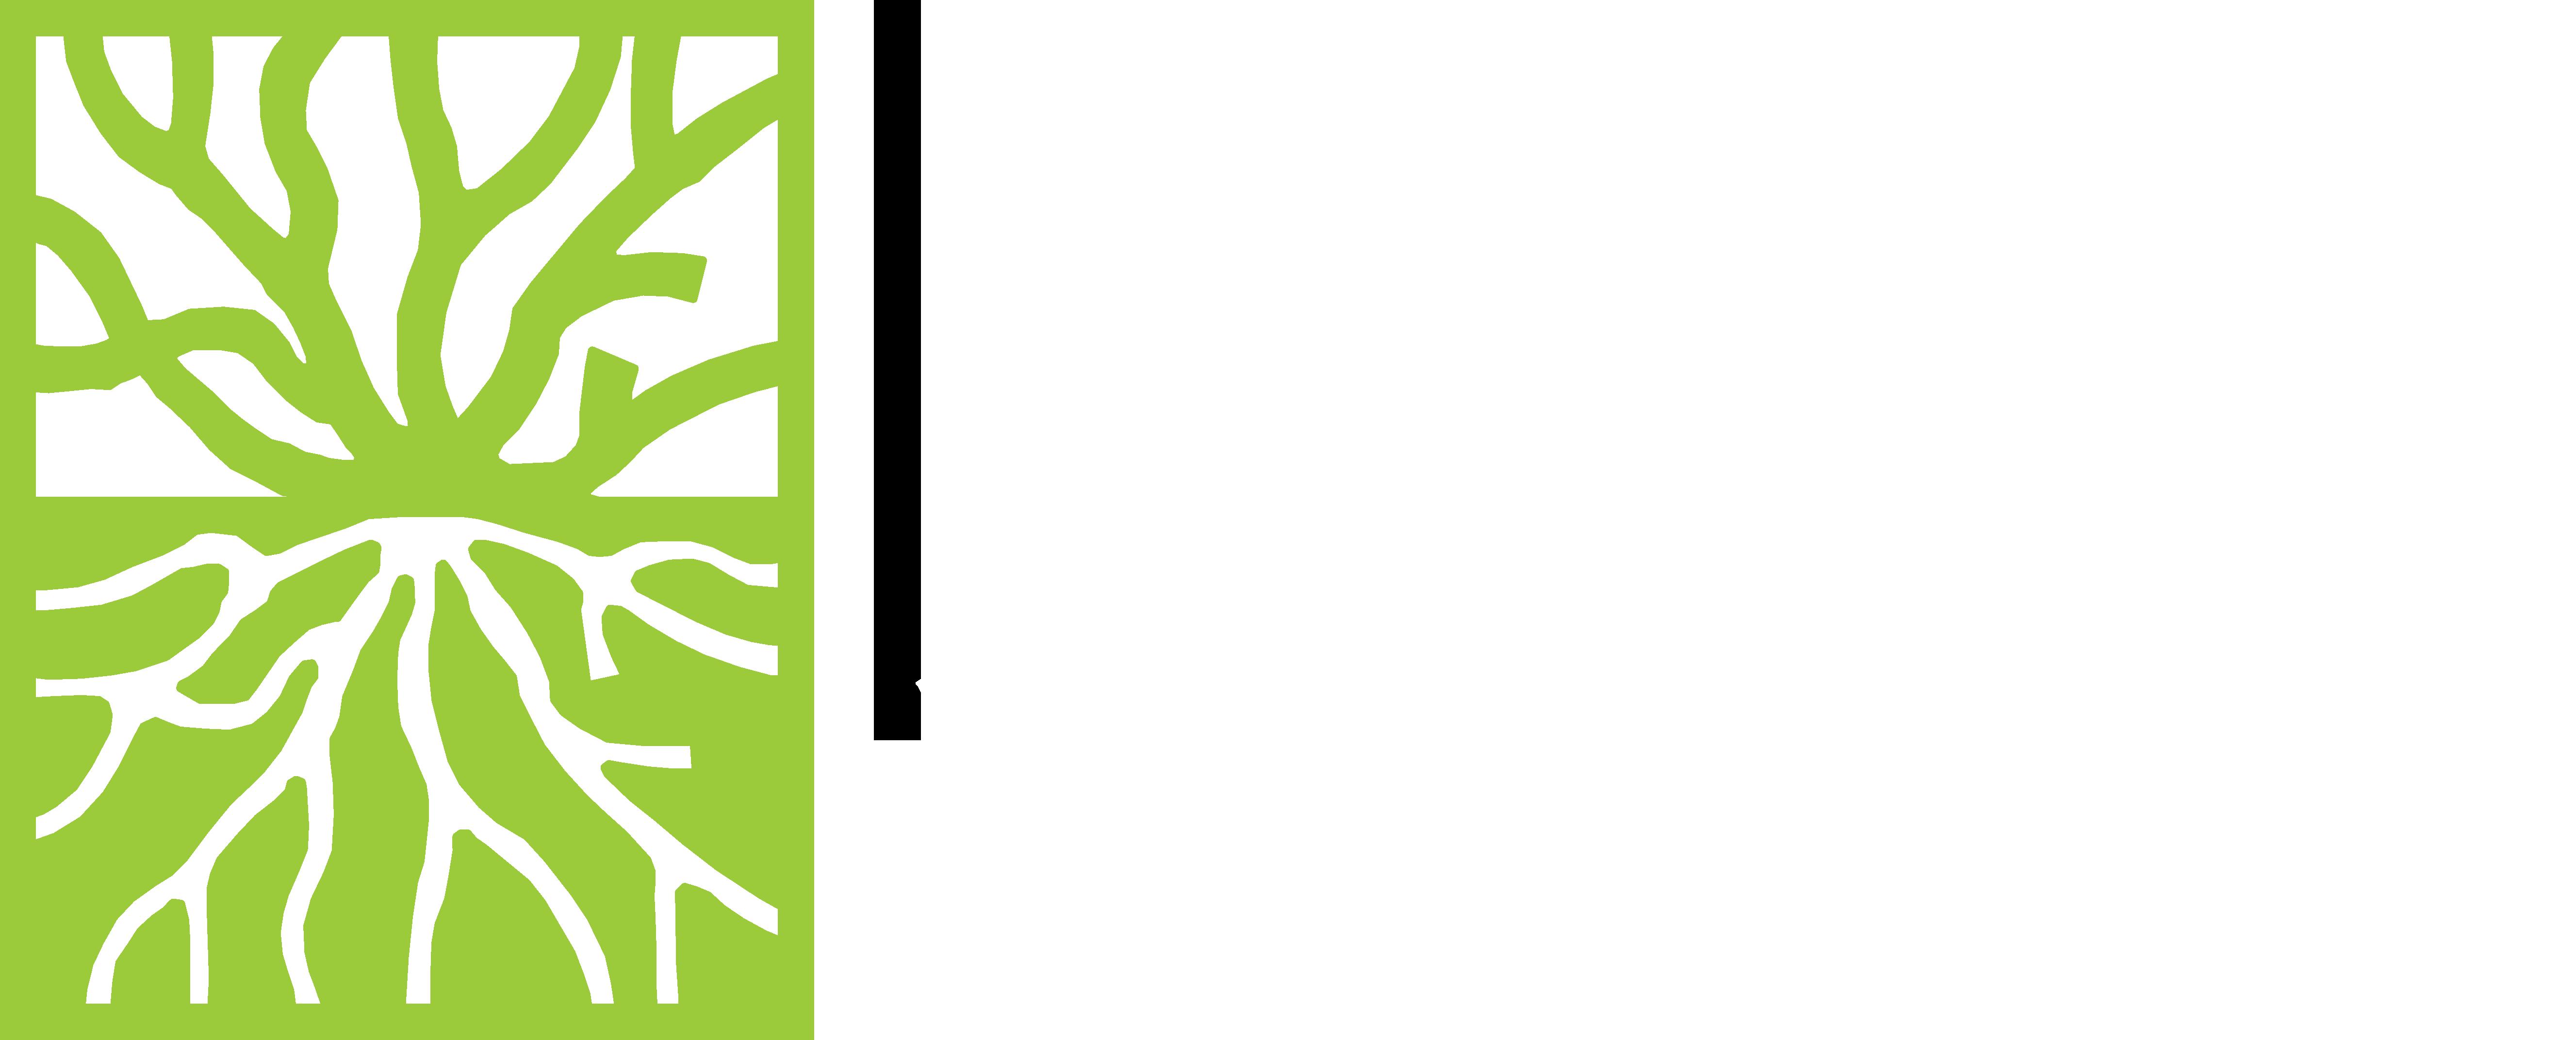 Root Design Studio